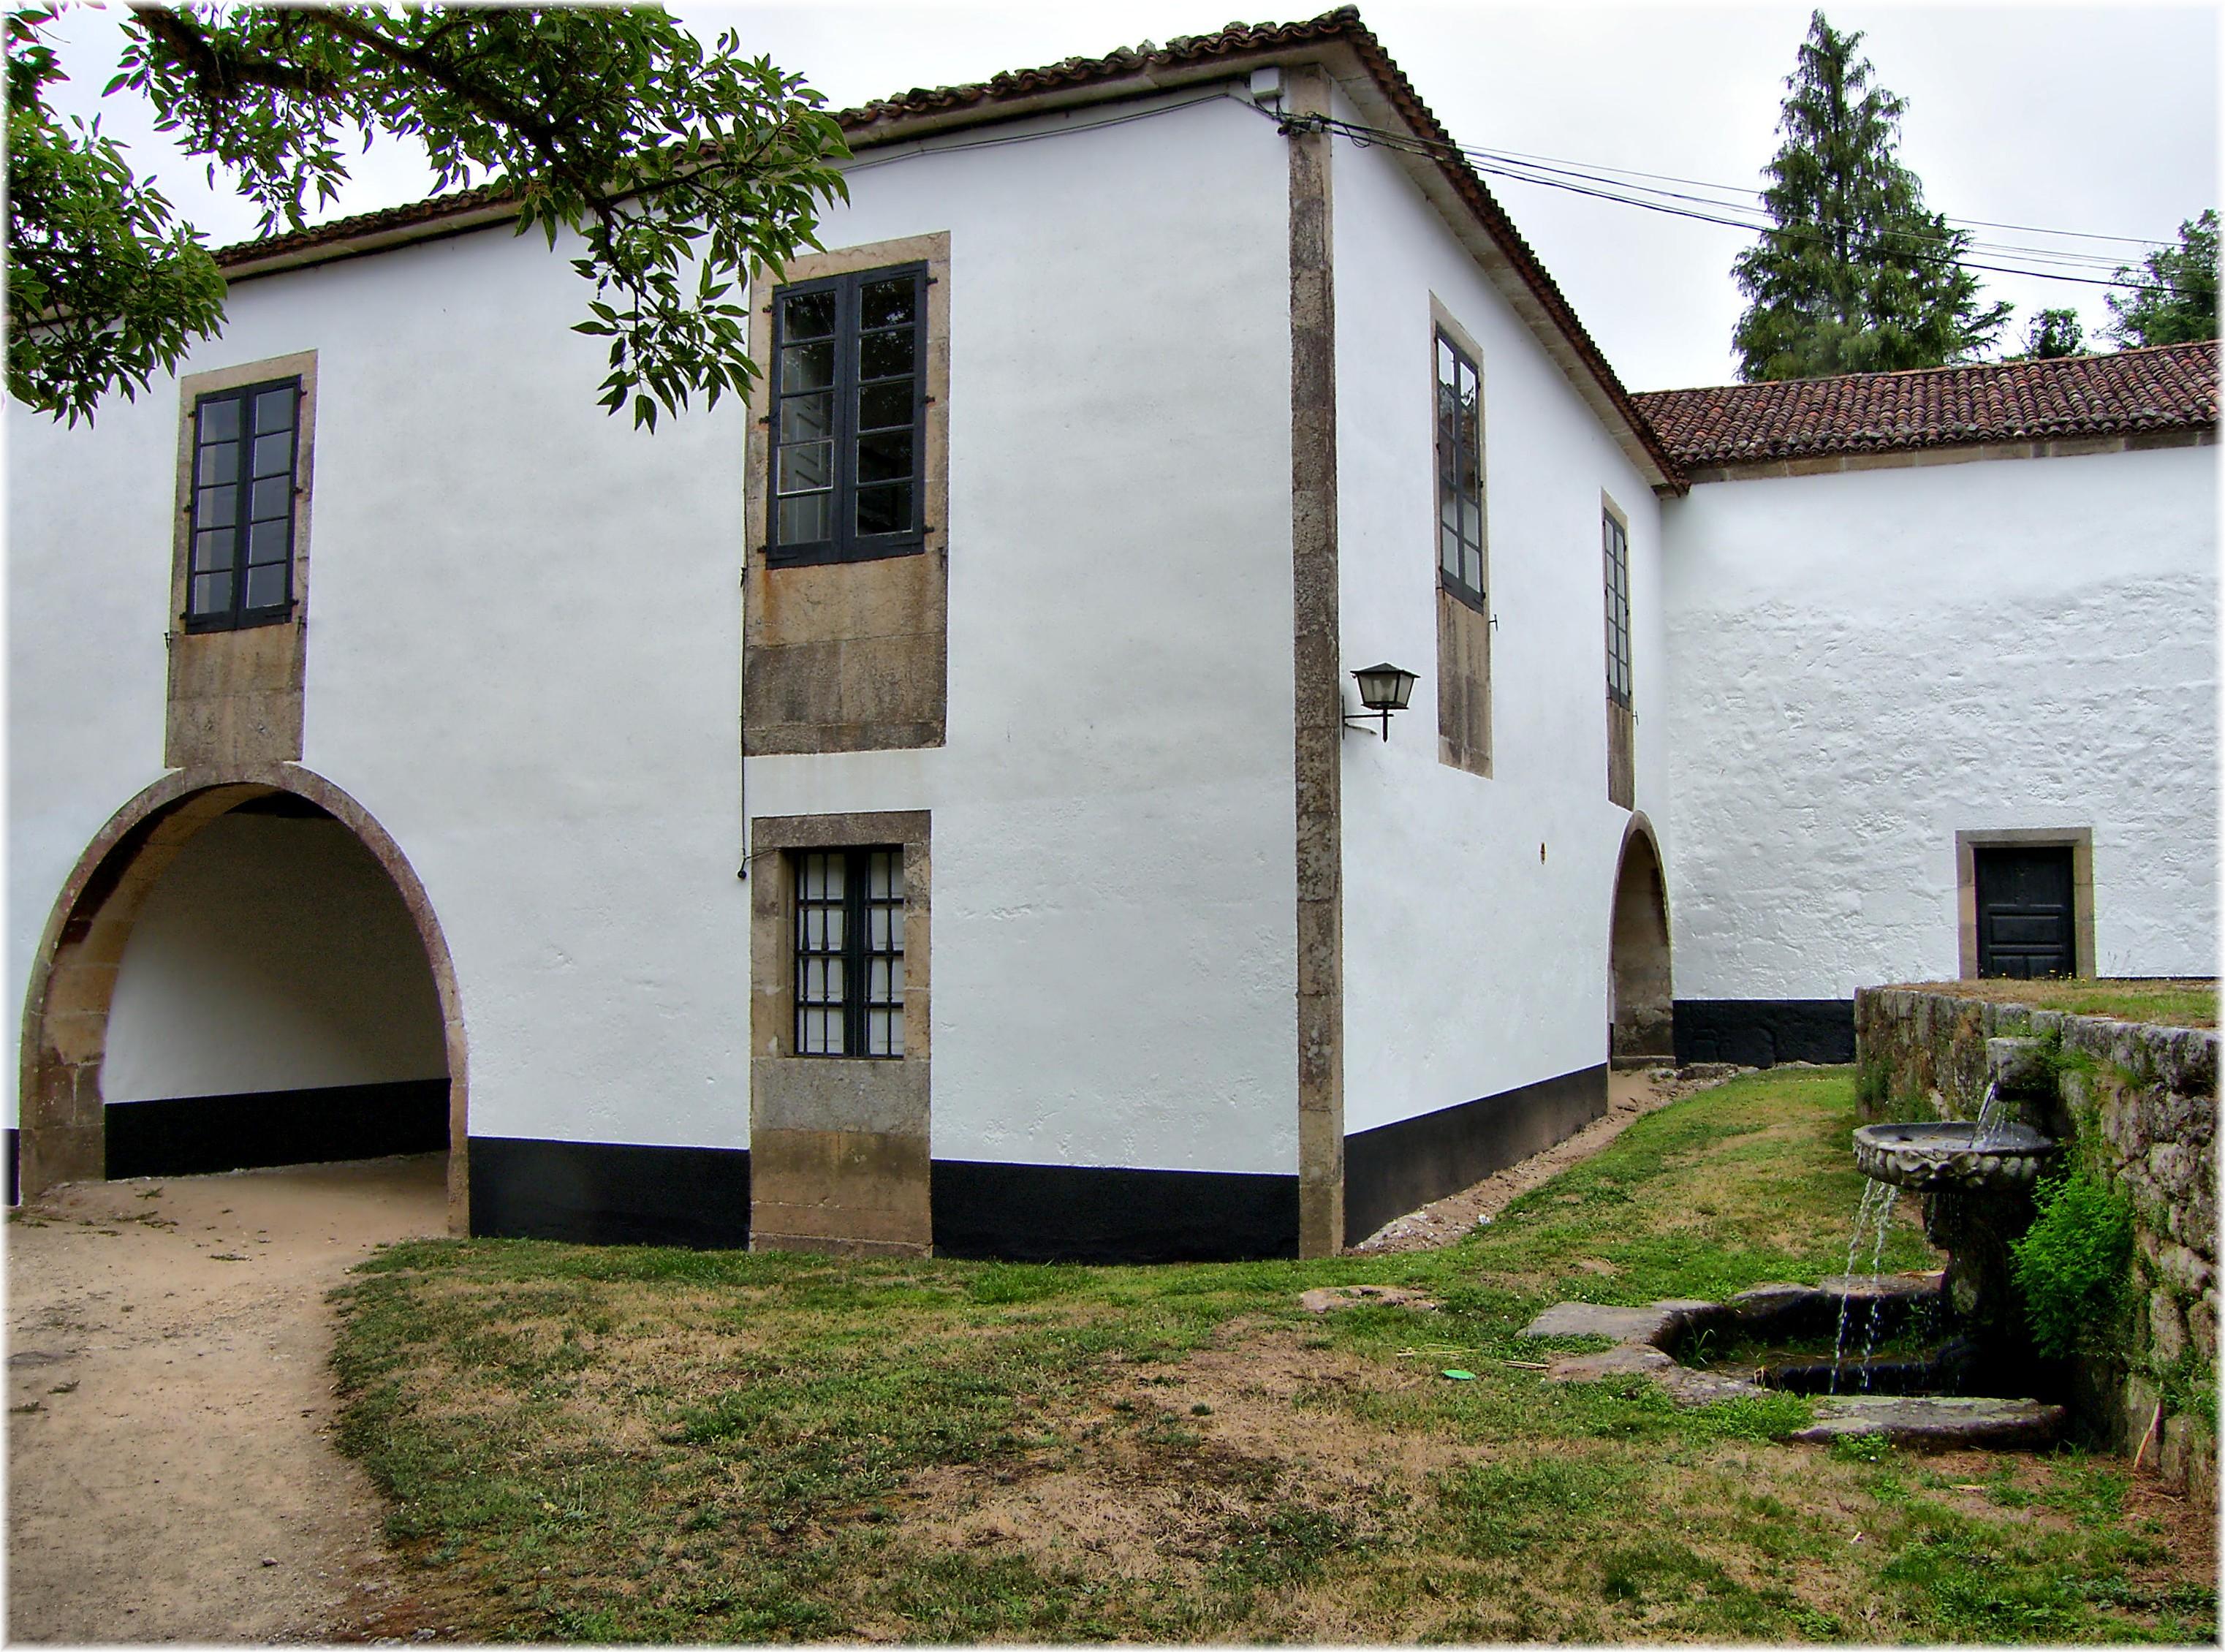 Fotos gratis arquitectura villa casa edificio pueblo - Bienes raices espana ...